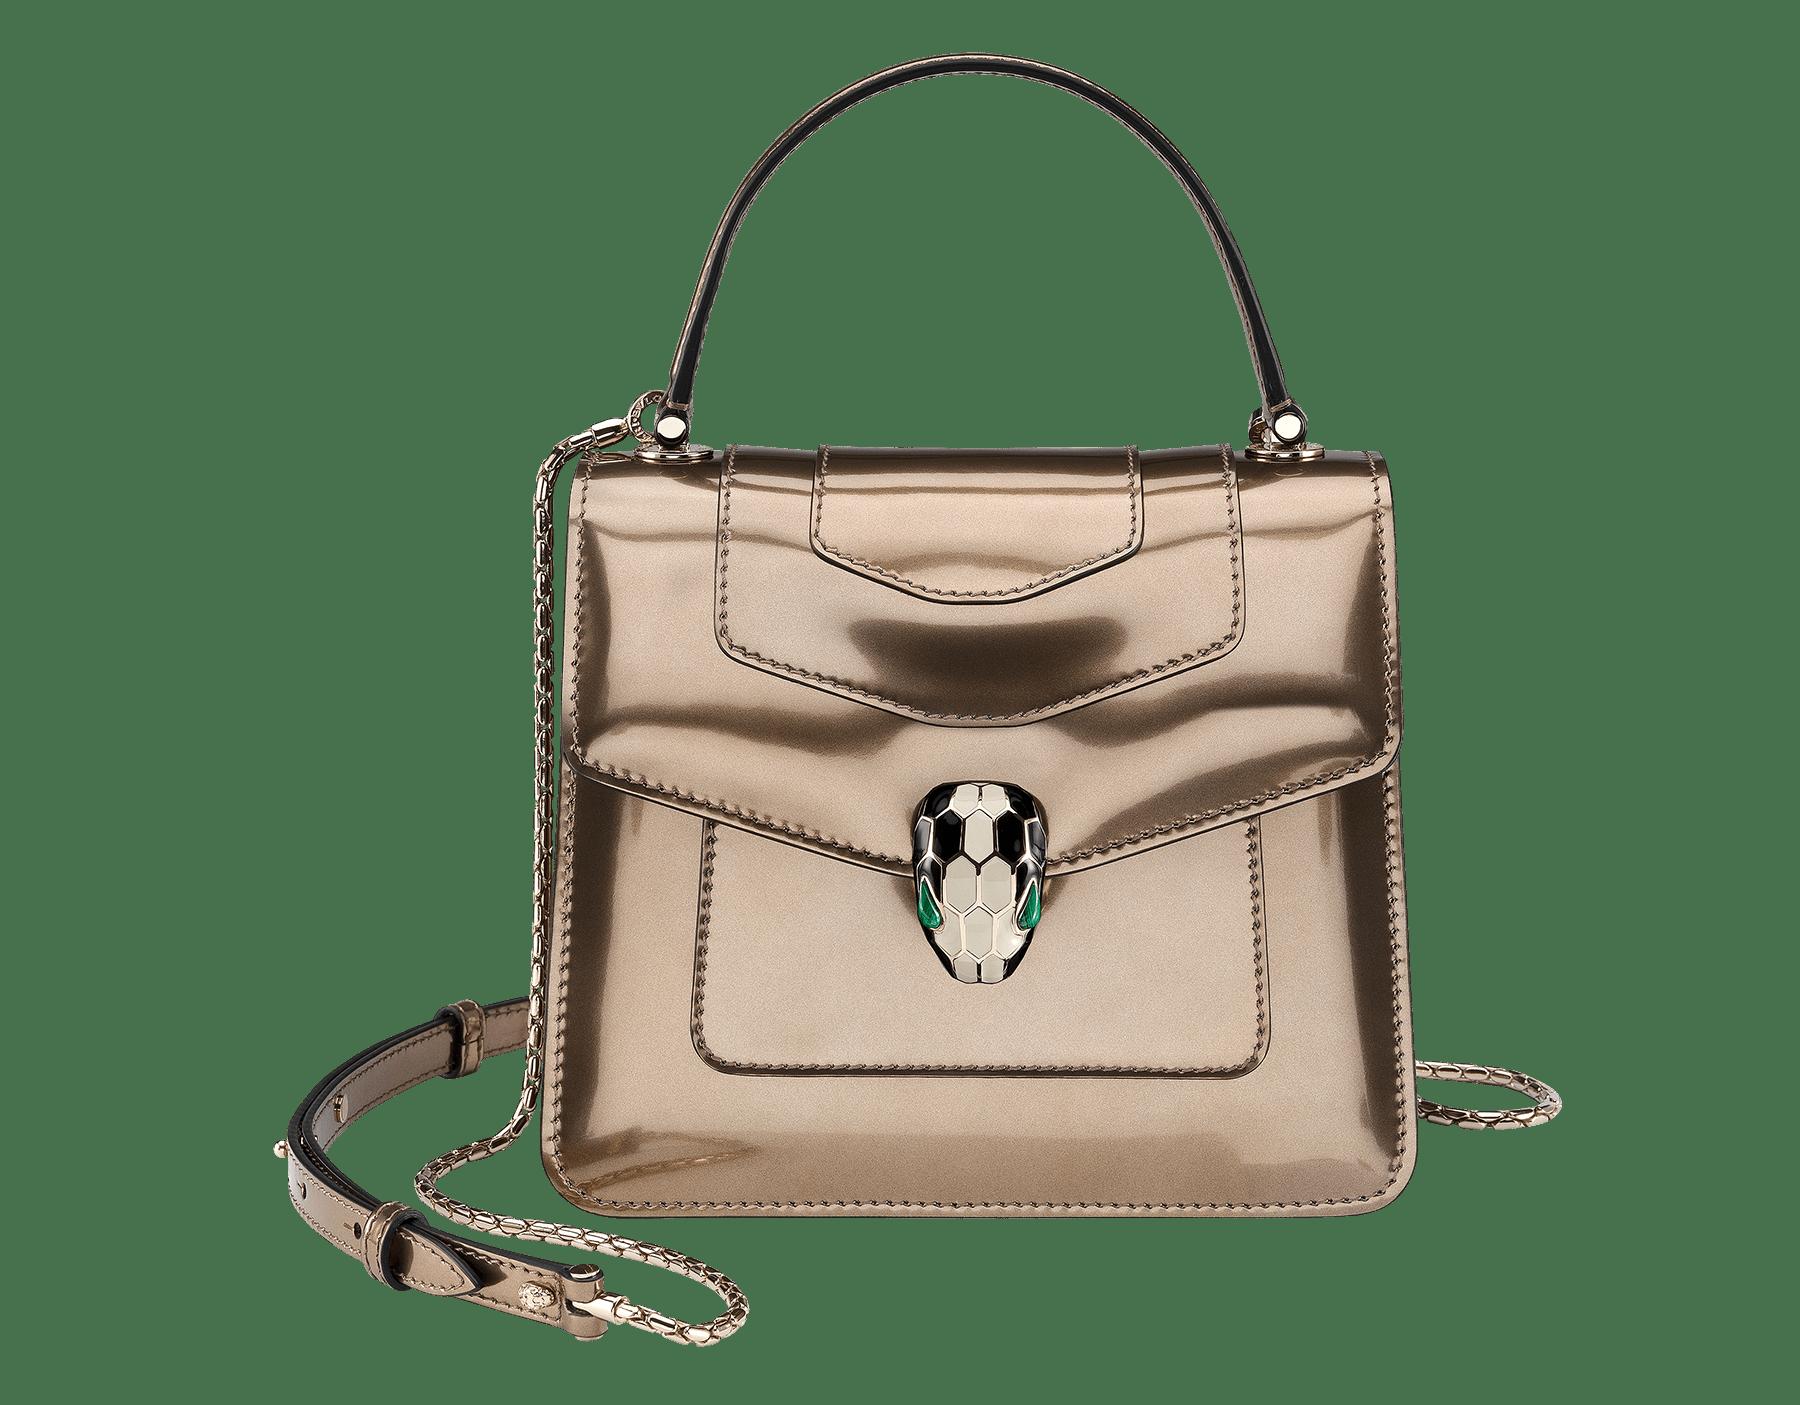 Serpenti Forever Tasche mit Umschlag aus gebürstetem bronzefarbenen Metallic-Kalbsleder. Hellvergoldete Metallelemente aus Messing und Schlangenkopfverschluss aus schwarzer und weißer Emaille mit malachitgrünen Augen. Test-Borse-Colore image 1